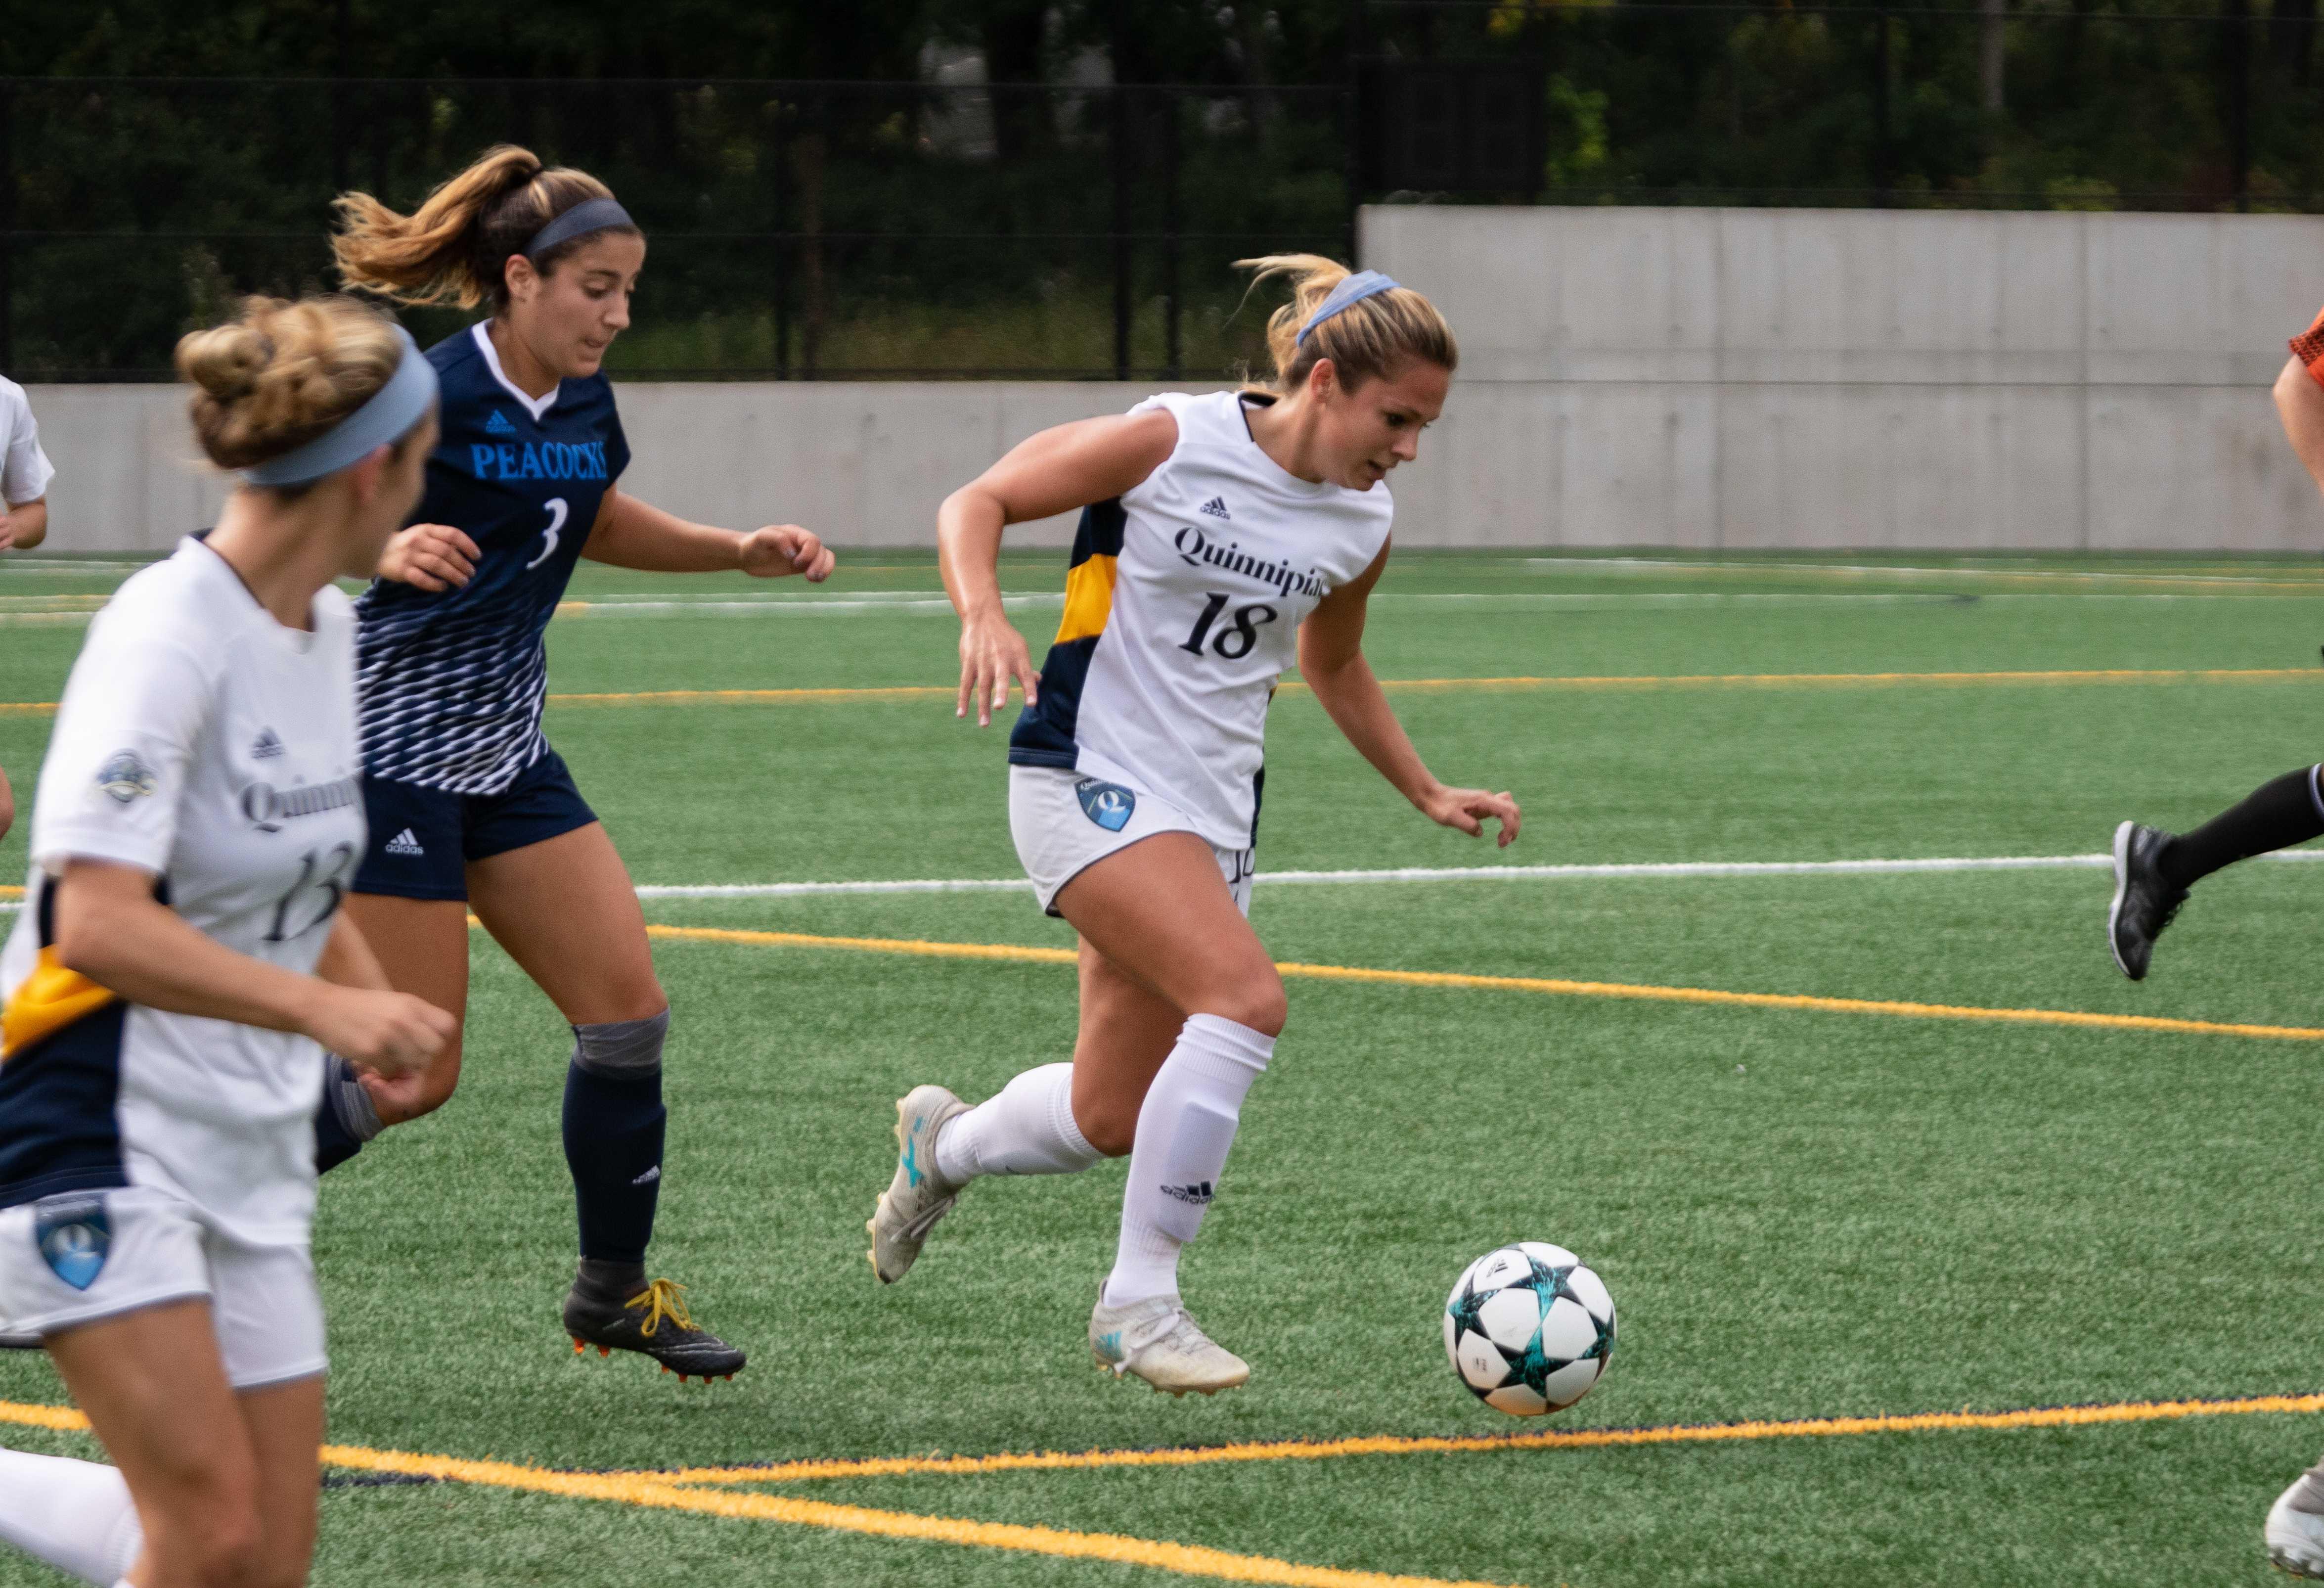 Saint Peter's upsets Quinnipiac women's soccer, 1-0